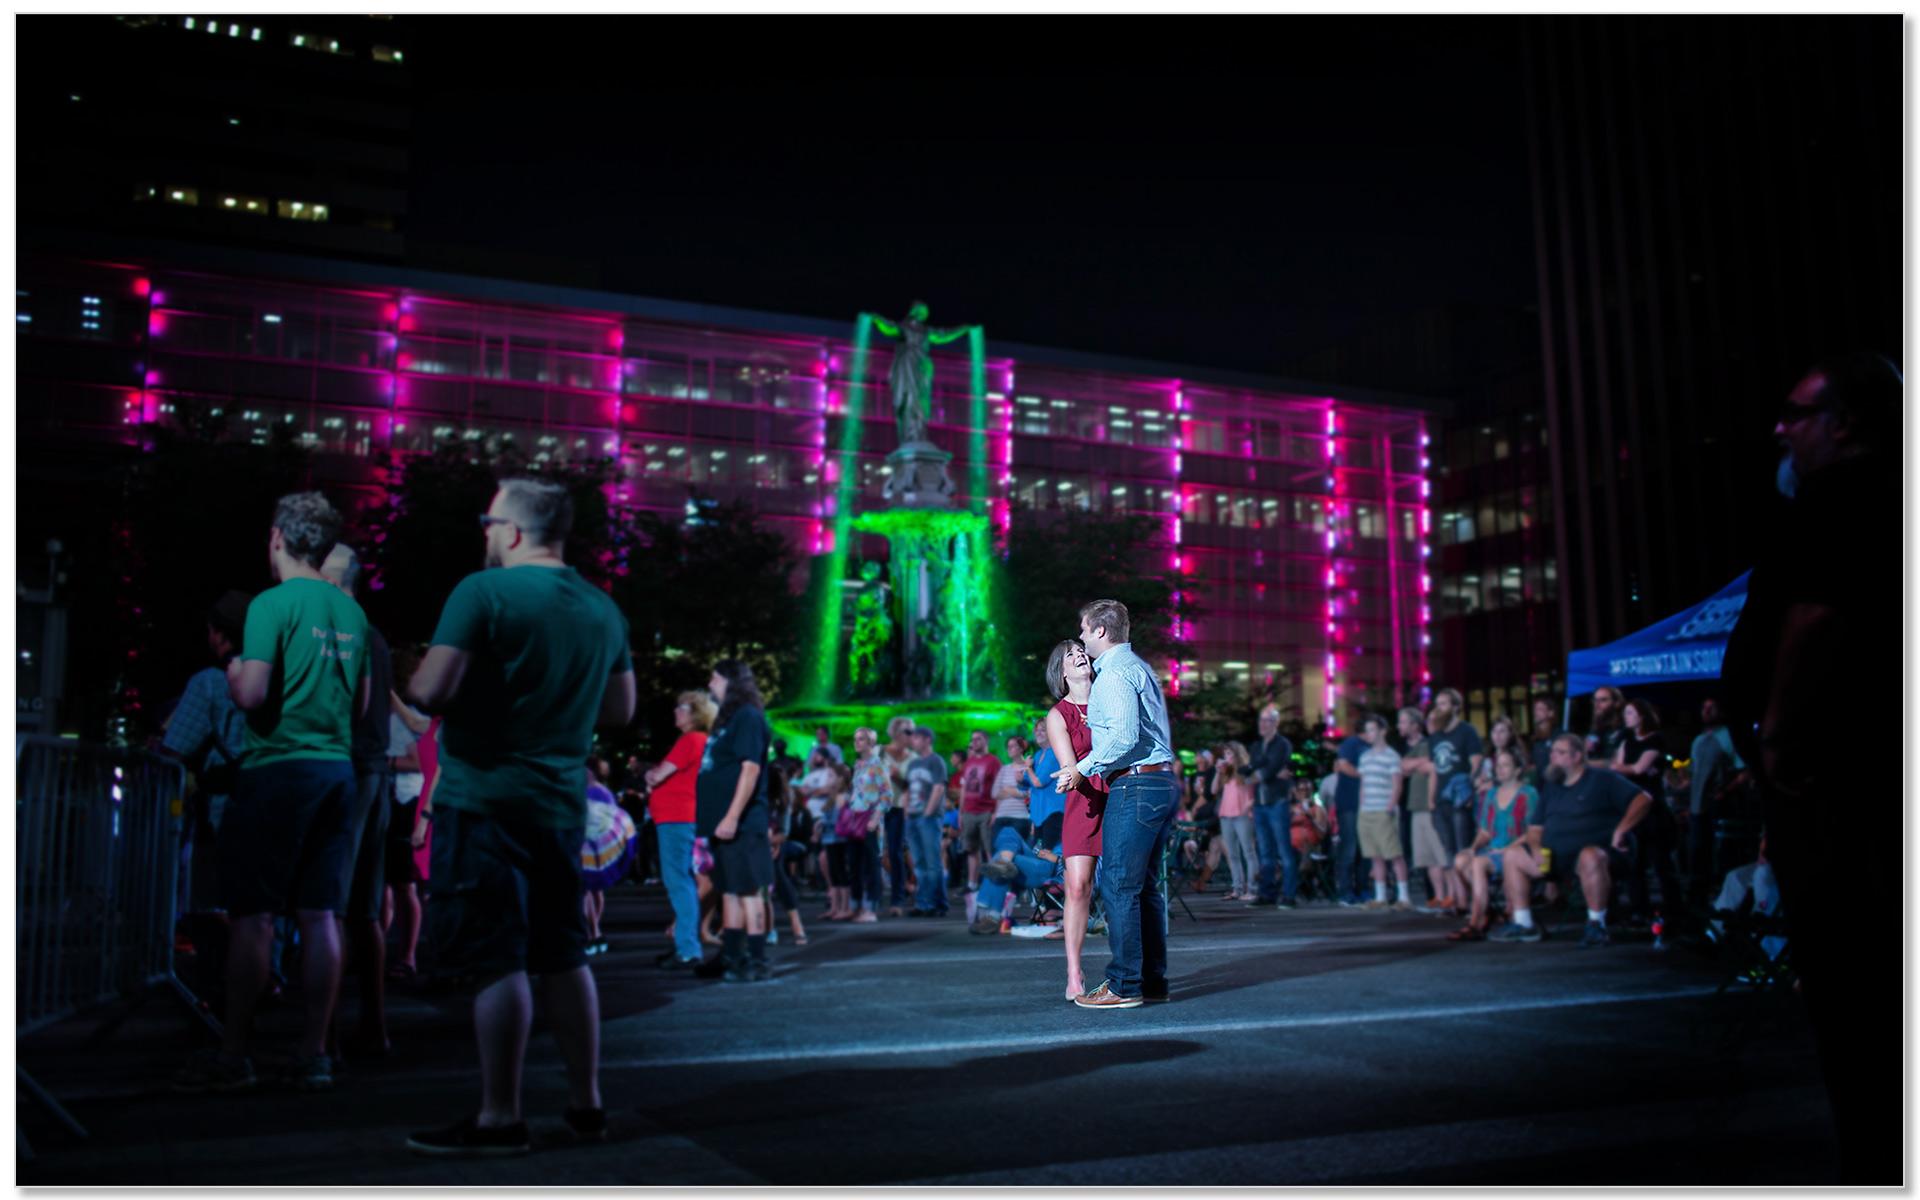 Fountain square cincinnati ohio night engagement